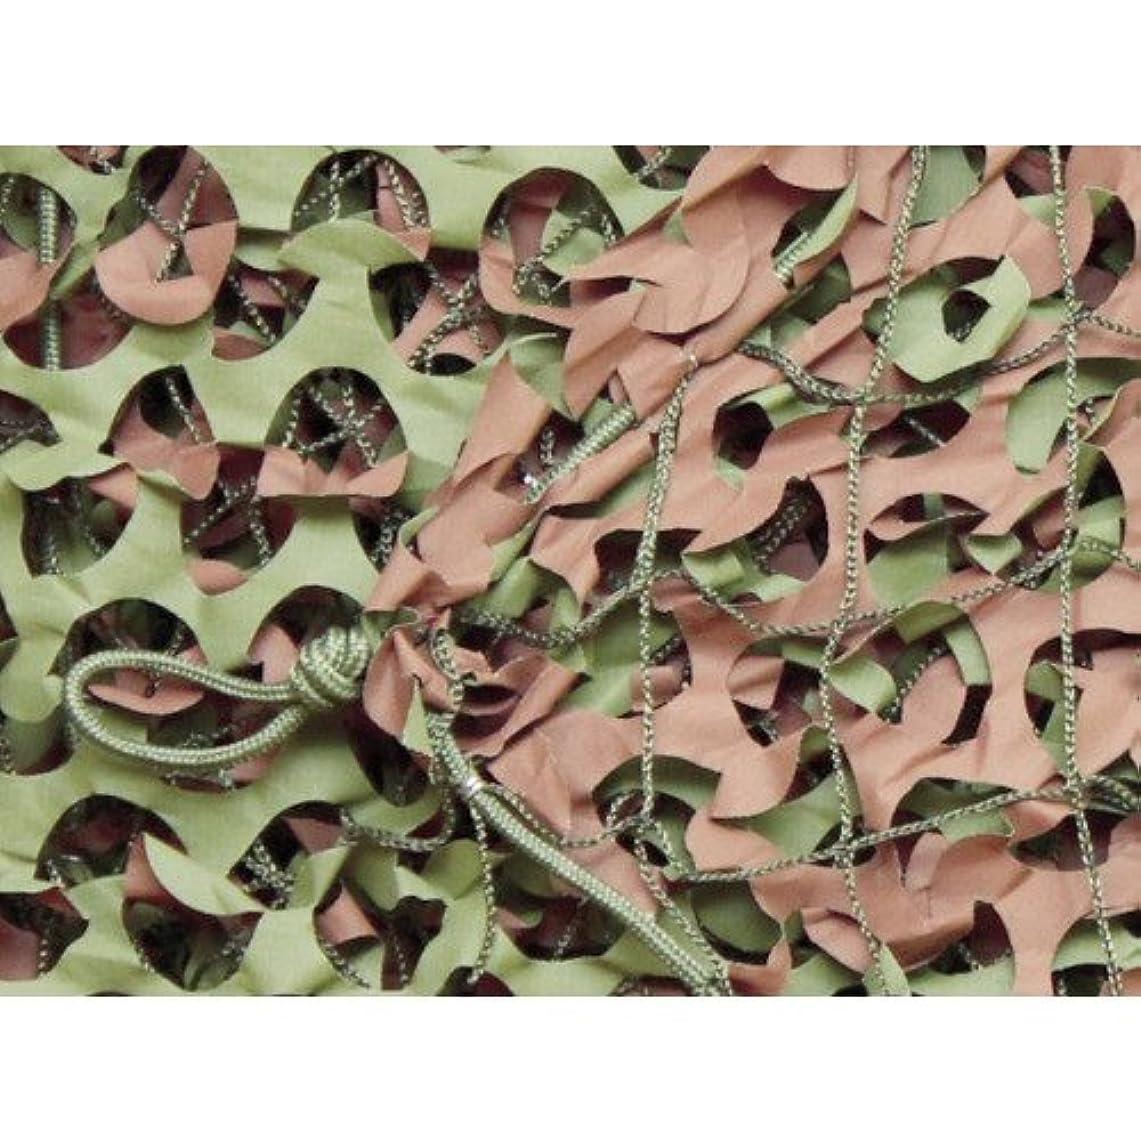 開拓者インデックス入射トラスコ中山 CAMO ベーシック レギュラーXミリタリー グリーン&ブラウン 1.8mX6m WM13